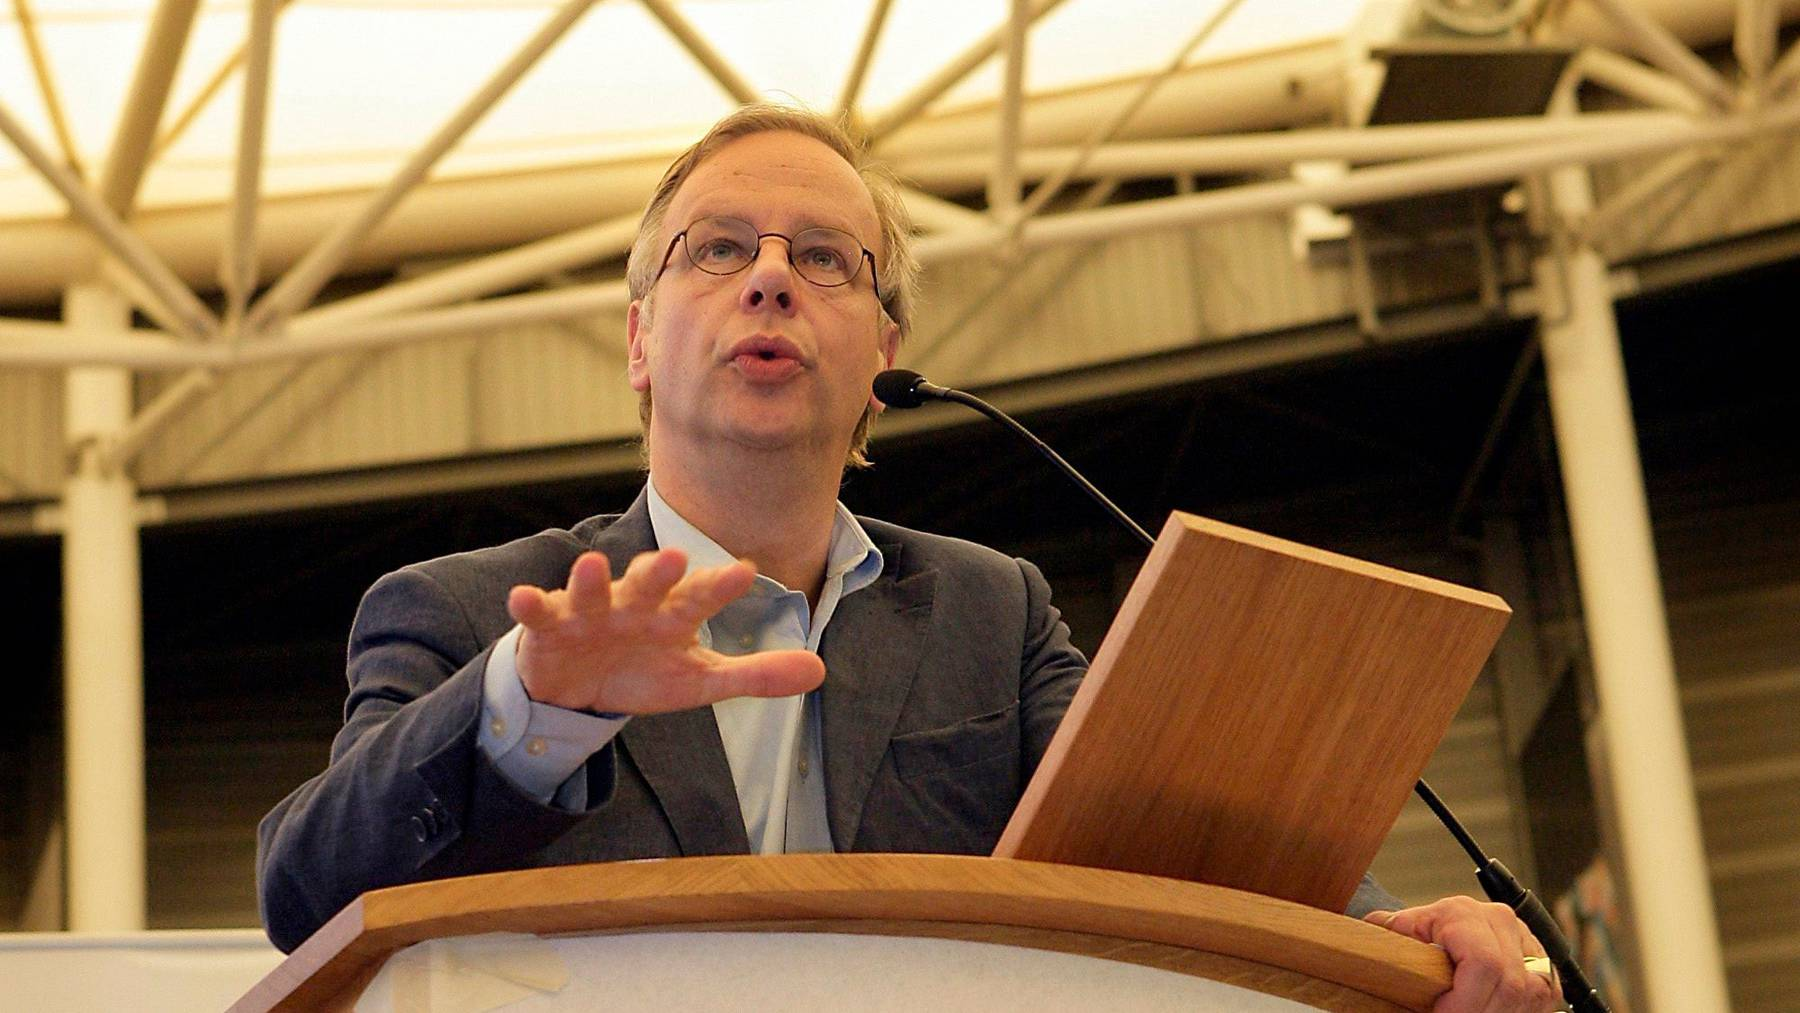 Seit einem Jahrzehnt präsidiert Andreas Burckhardt den Verwaltungsrat der Bâloise Holding. Nun will er kürzer treten.